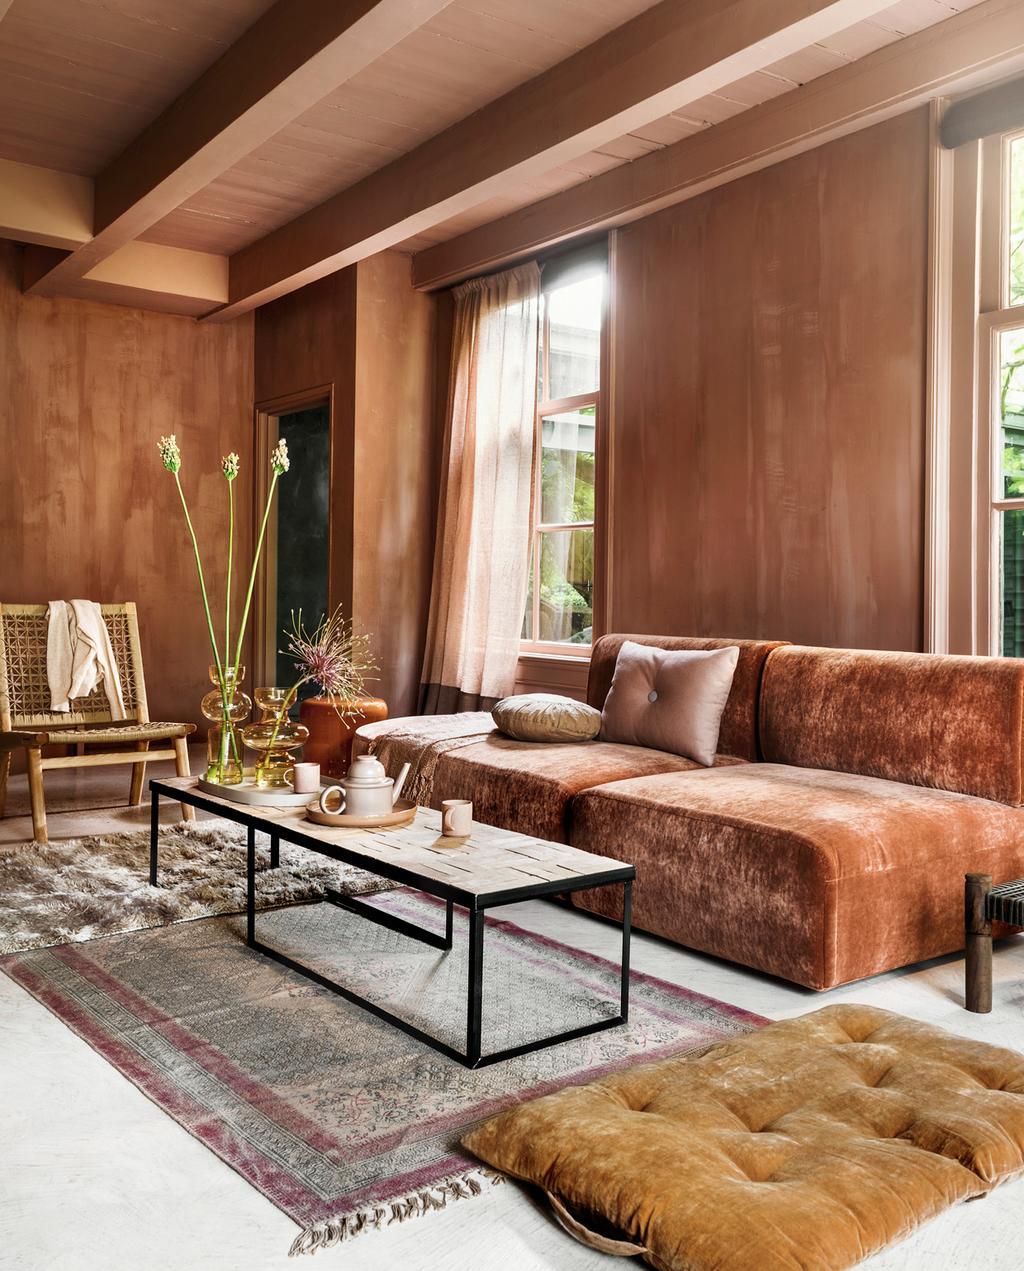 vtwonen 08-2019 | styling Marianne Luning, fotografie Stan Koolen | terra in de woonkamer